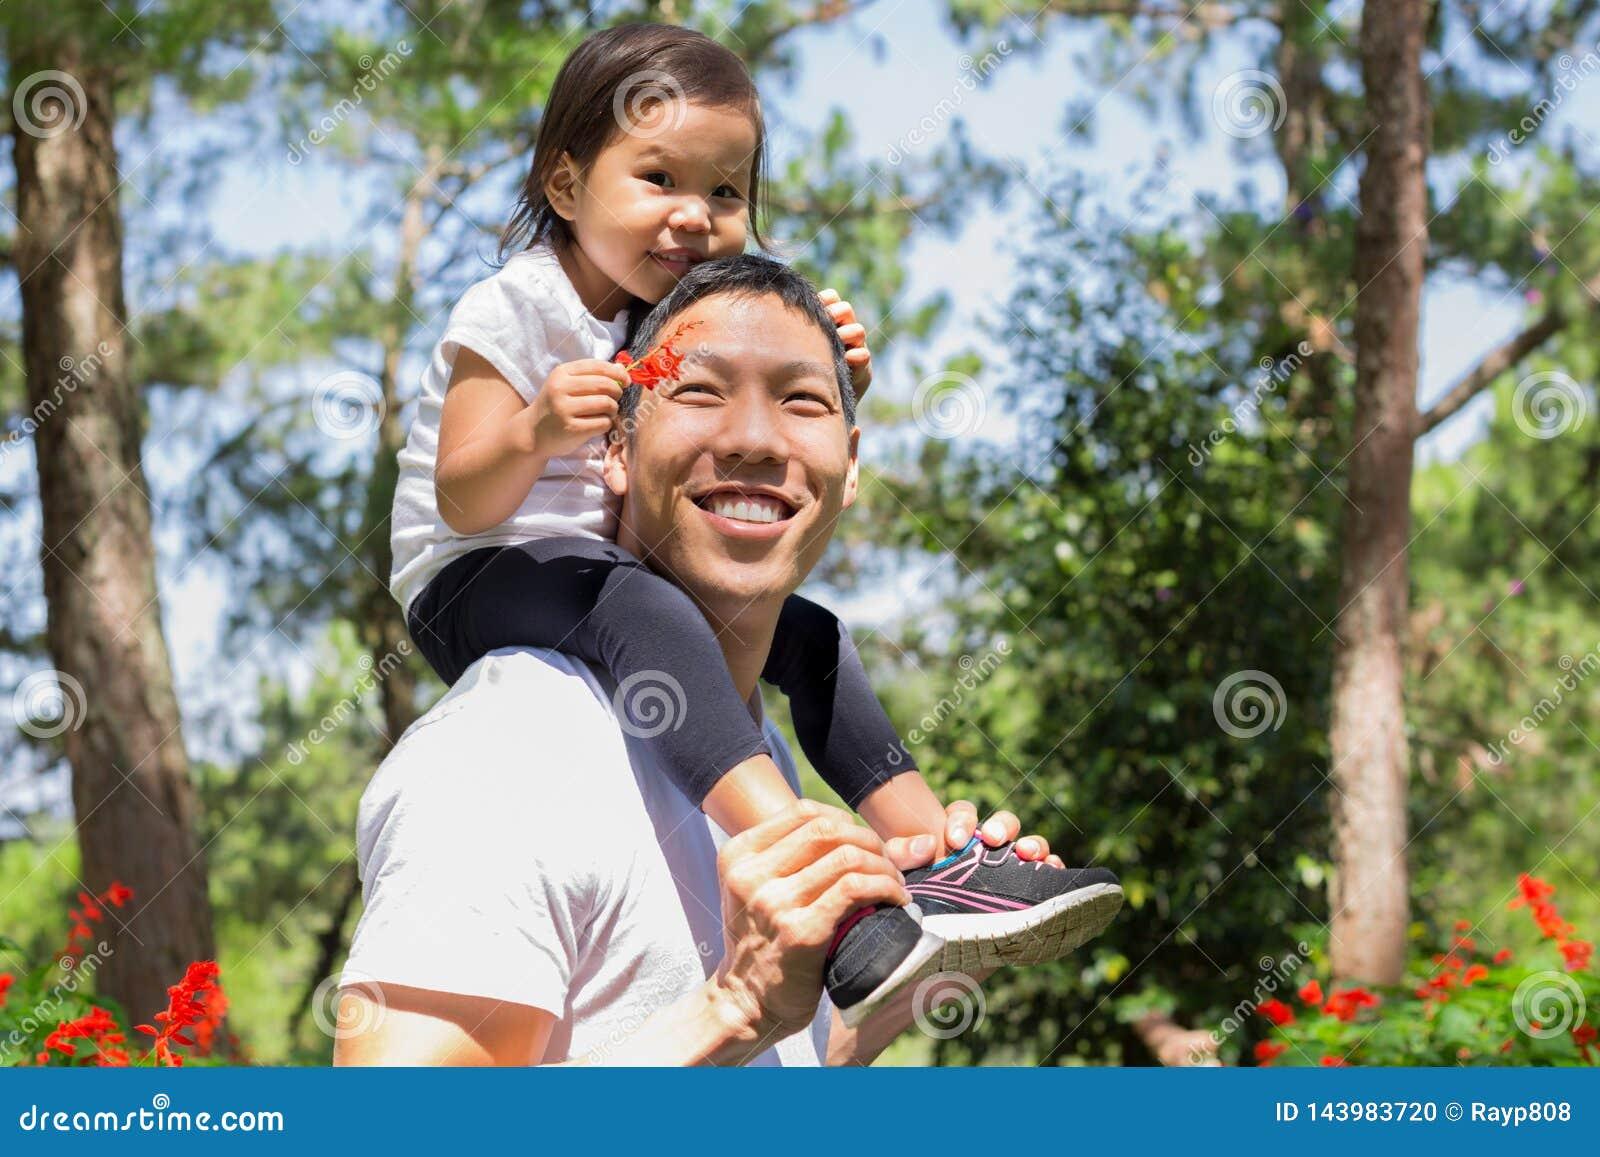 Ευτυχείς πατέρας και παιδί που γελούν και που παίζουν μαζί, φροντίζοντας κόρη στην πλάτη του σε ένα υπαίθριο δασικό πάρκο